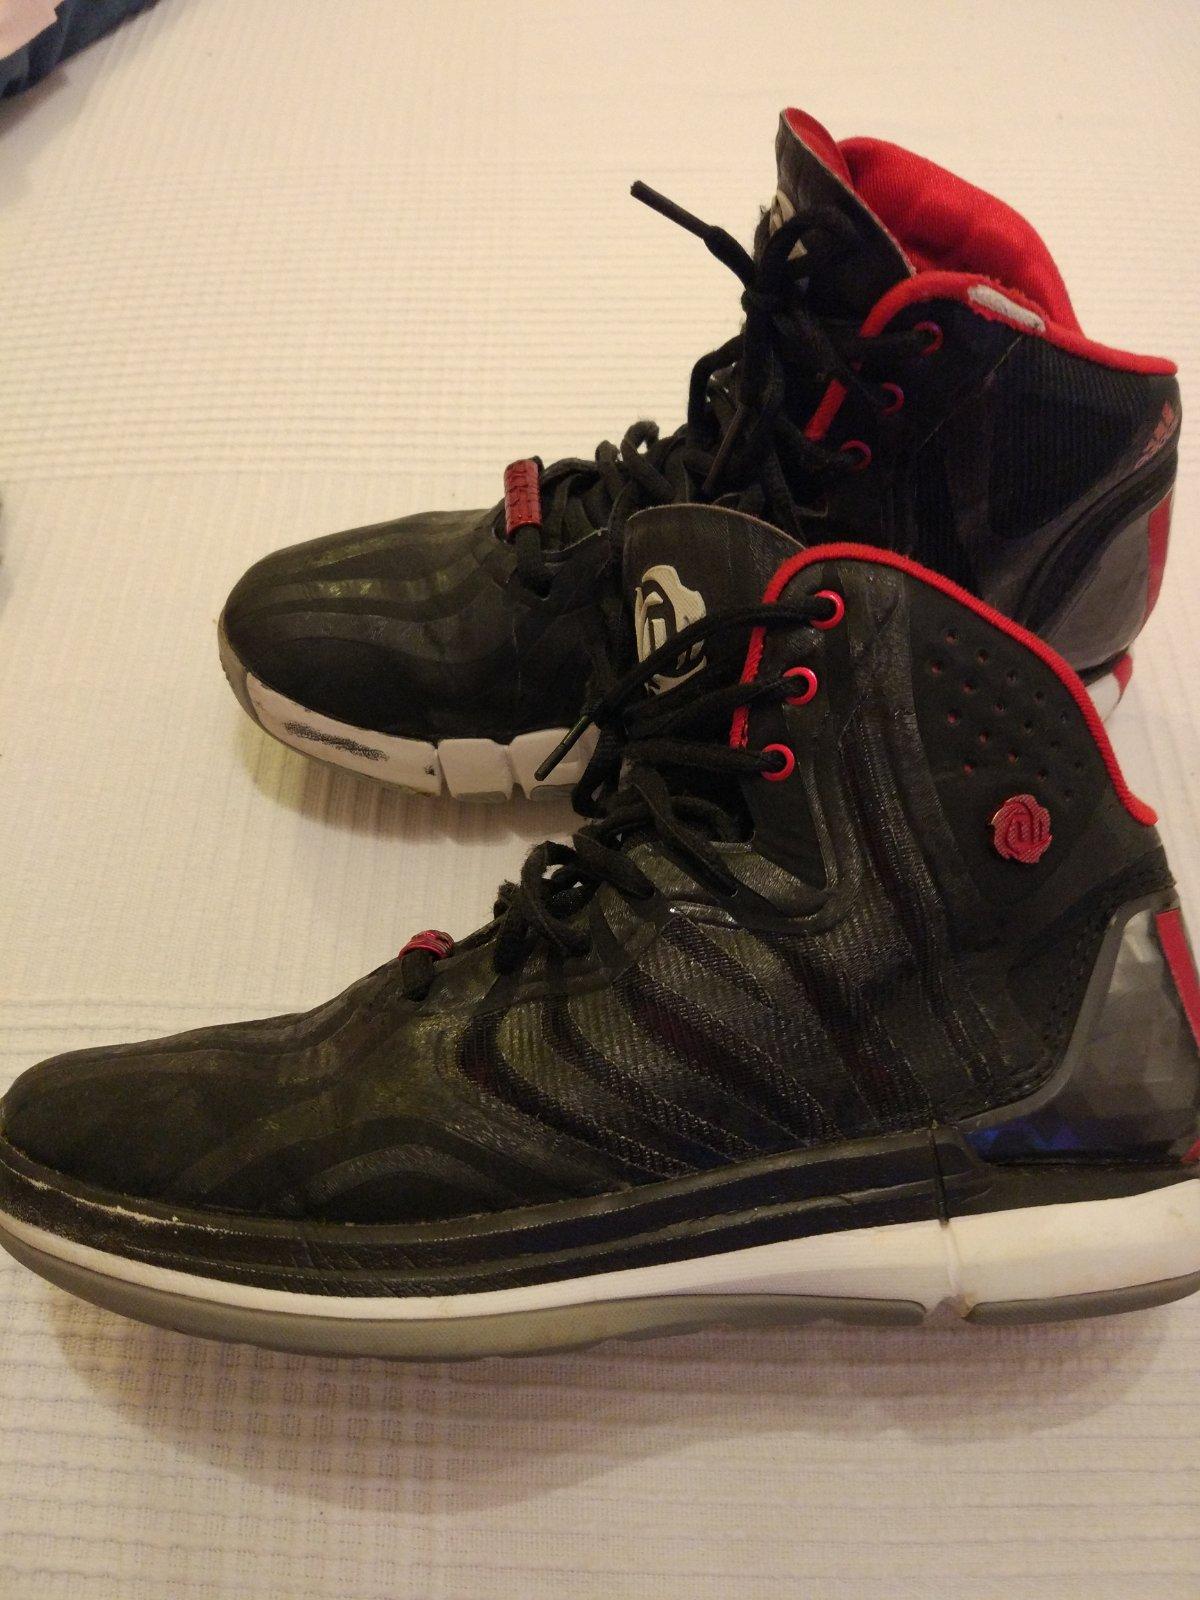 Predam basketbalove tenisky adidas rose 26b644a0f07